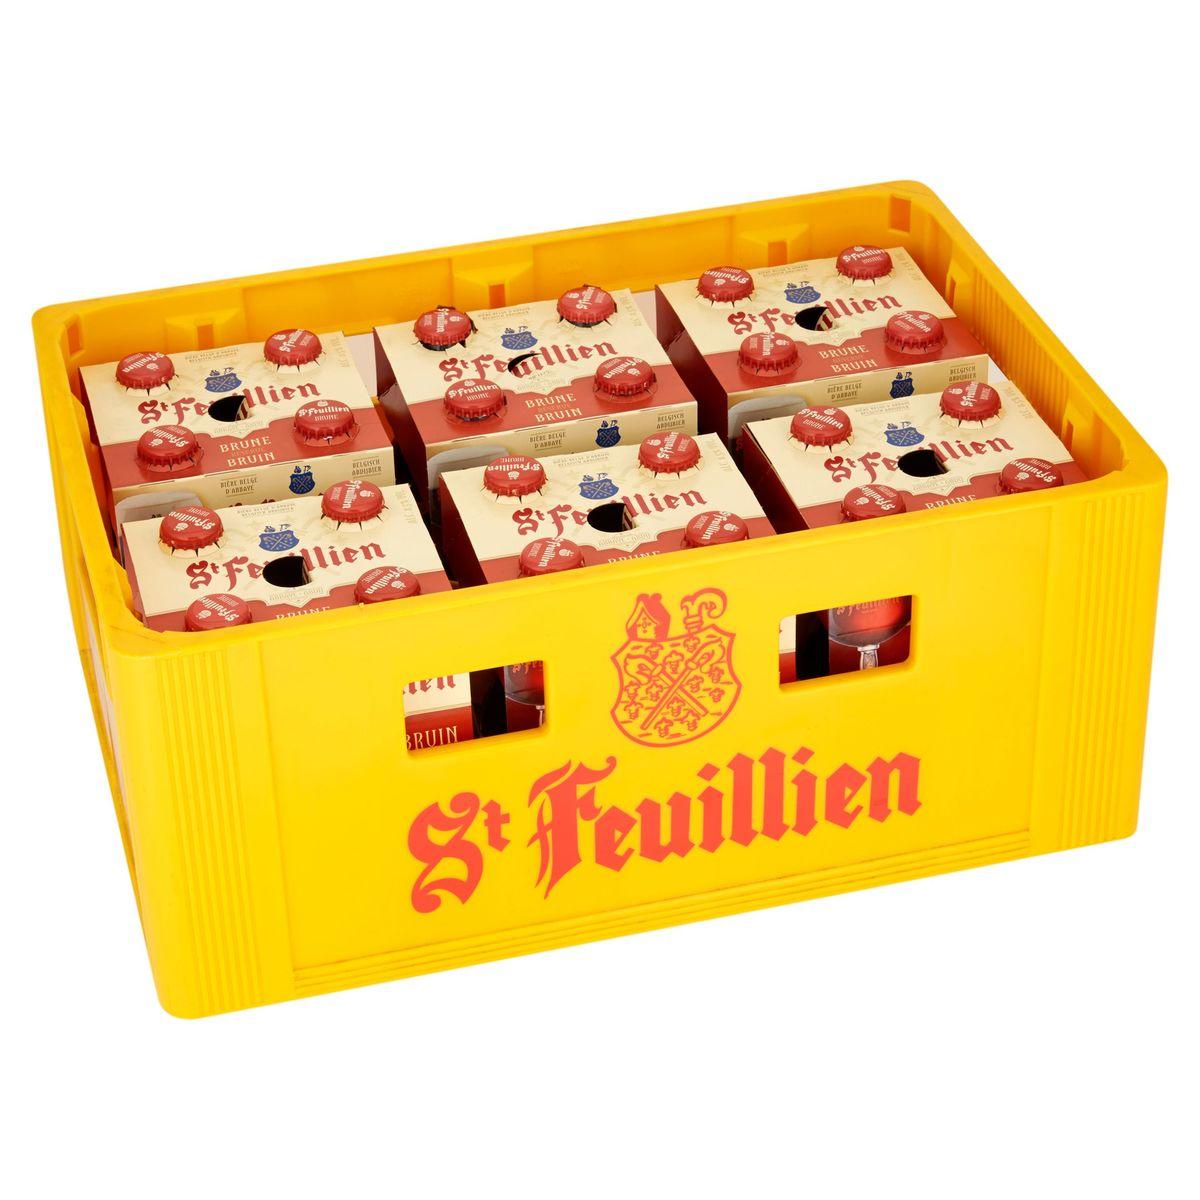 St Feuillien Bruin 6 x 4 x 33 cl